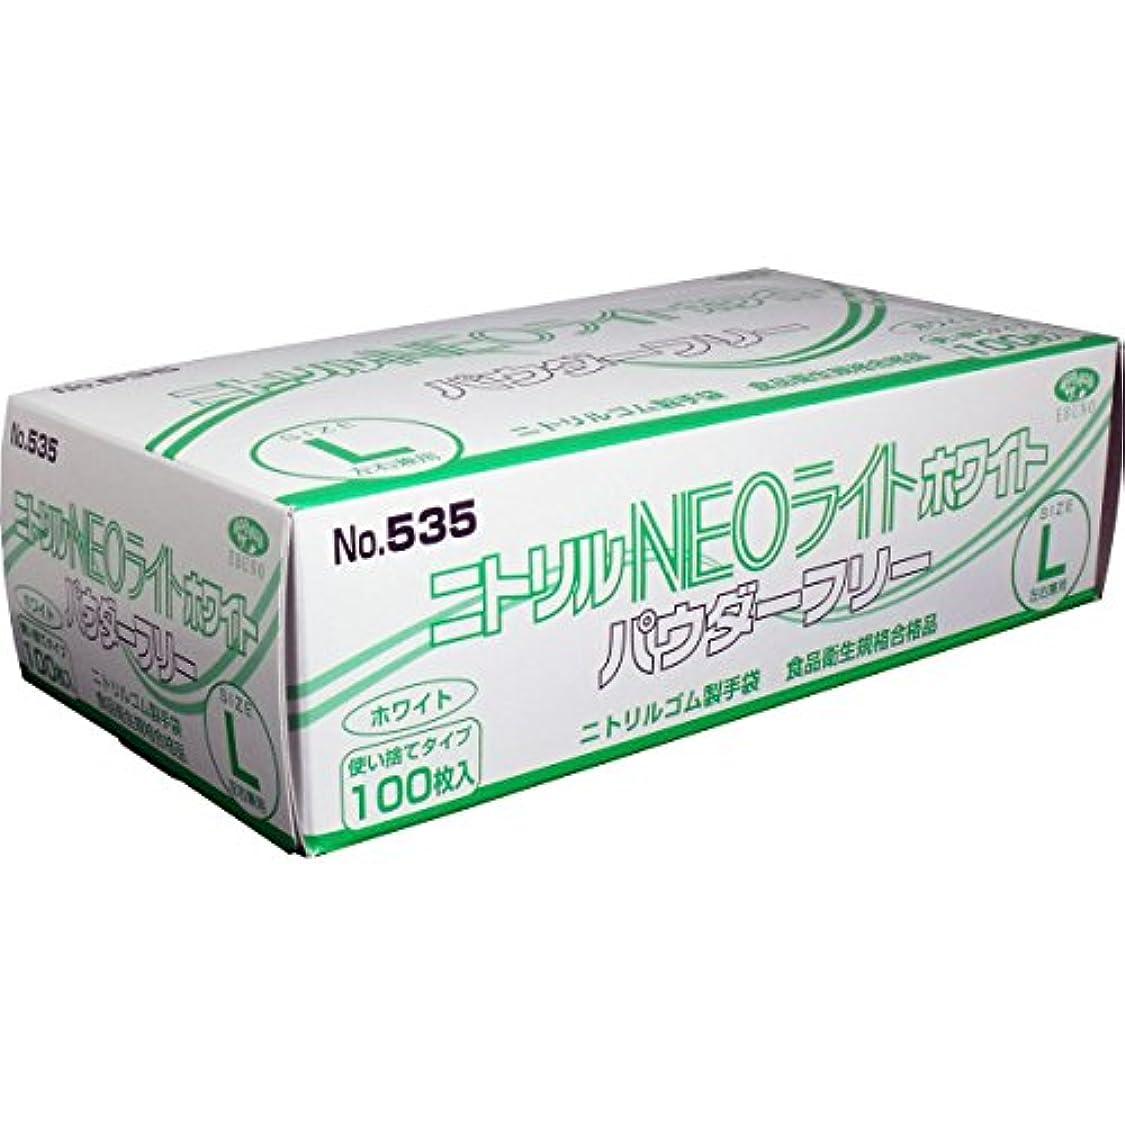 展示会ムスリネンニトリル手袋 NEOライト パウダーフリー ホワイト Lサイズ 100枚入 ×6個セット